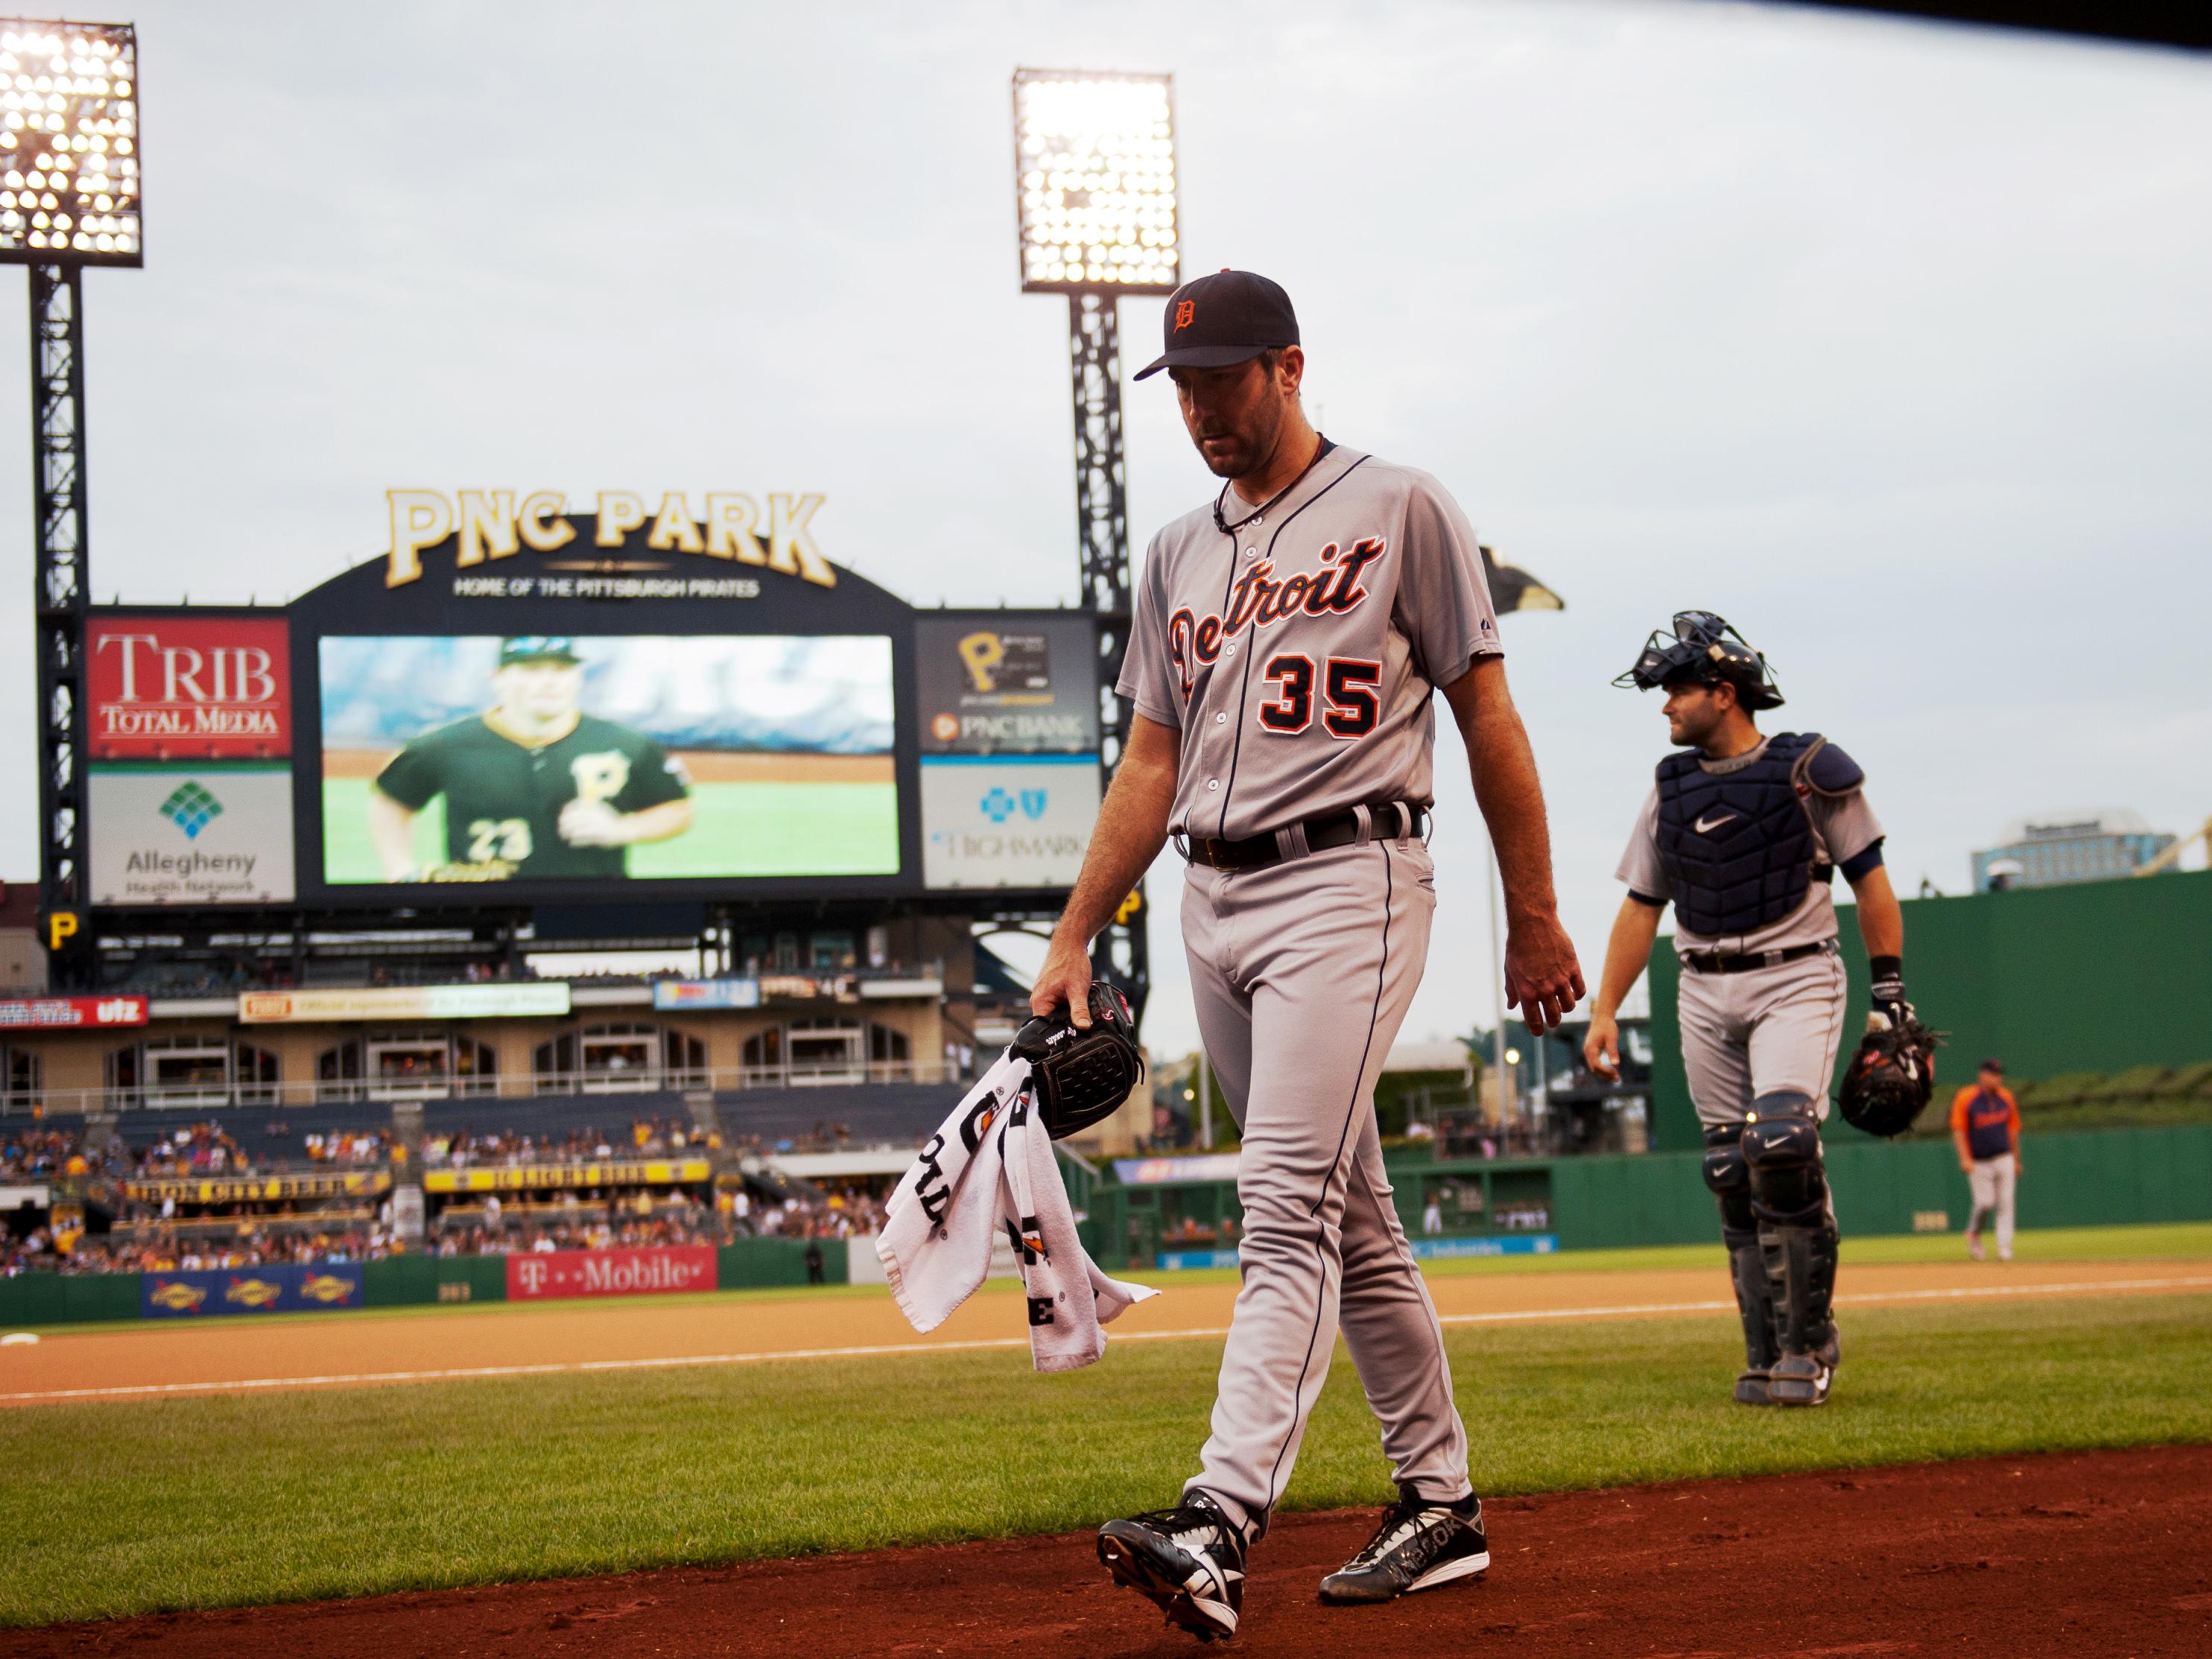 MLB: AUG 11 Tigers at Pirates